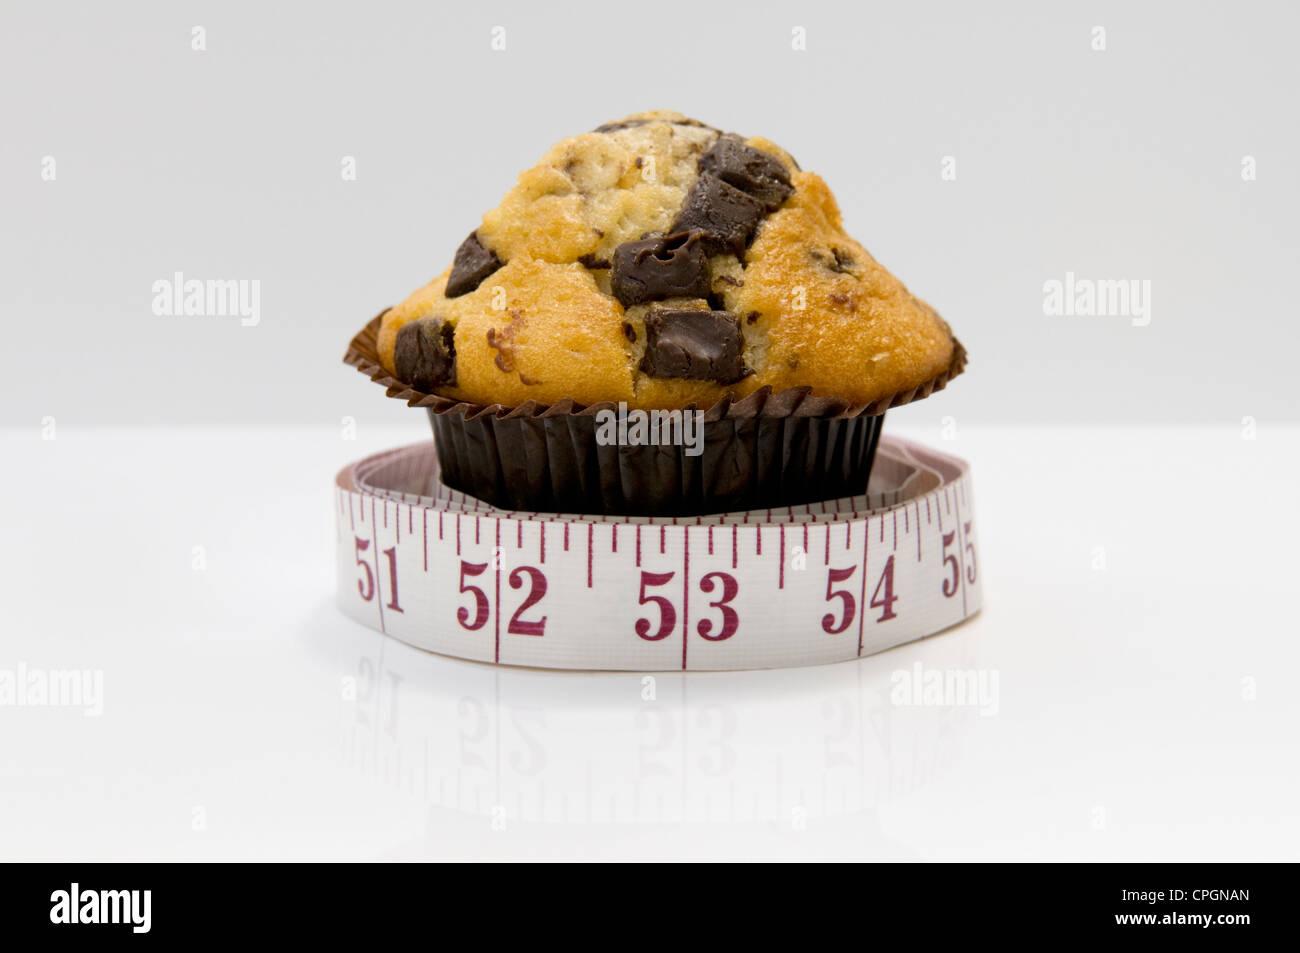 Muffins aux pépites de chocolat avec ruban de mesure représentant concept que manger des gâteaux Photo Stock